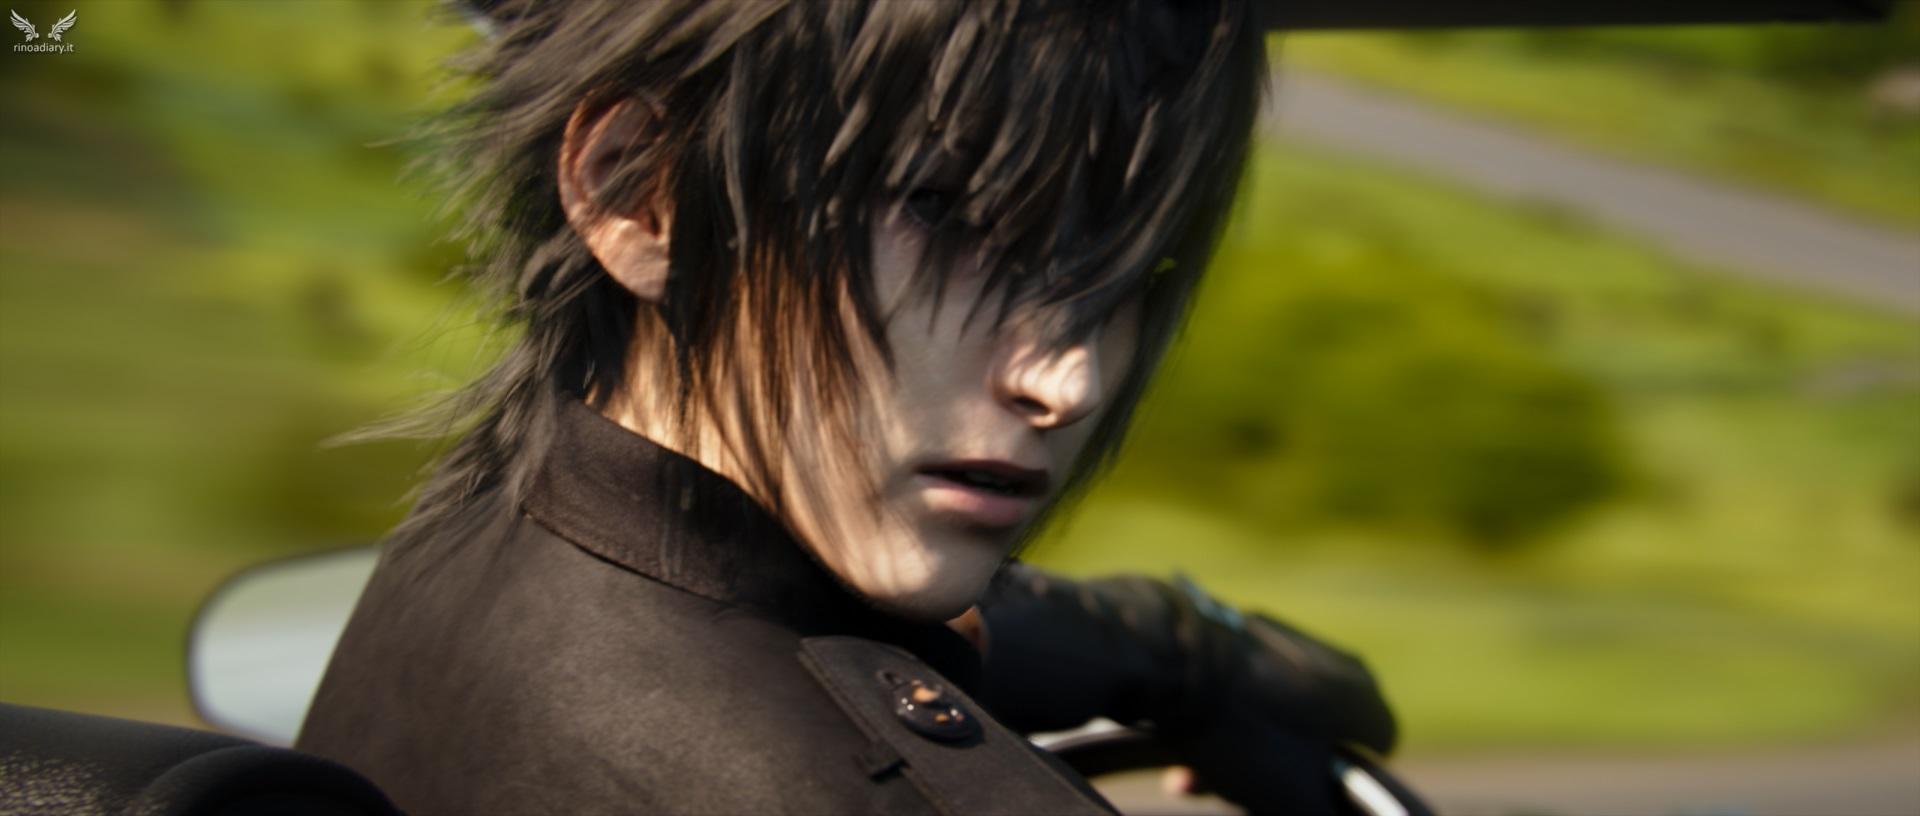 Tabata annuncia un nuovo ATR per Final Fantasy XV il 10 Novembre!